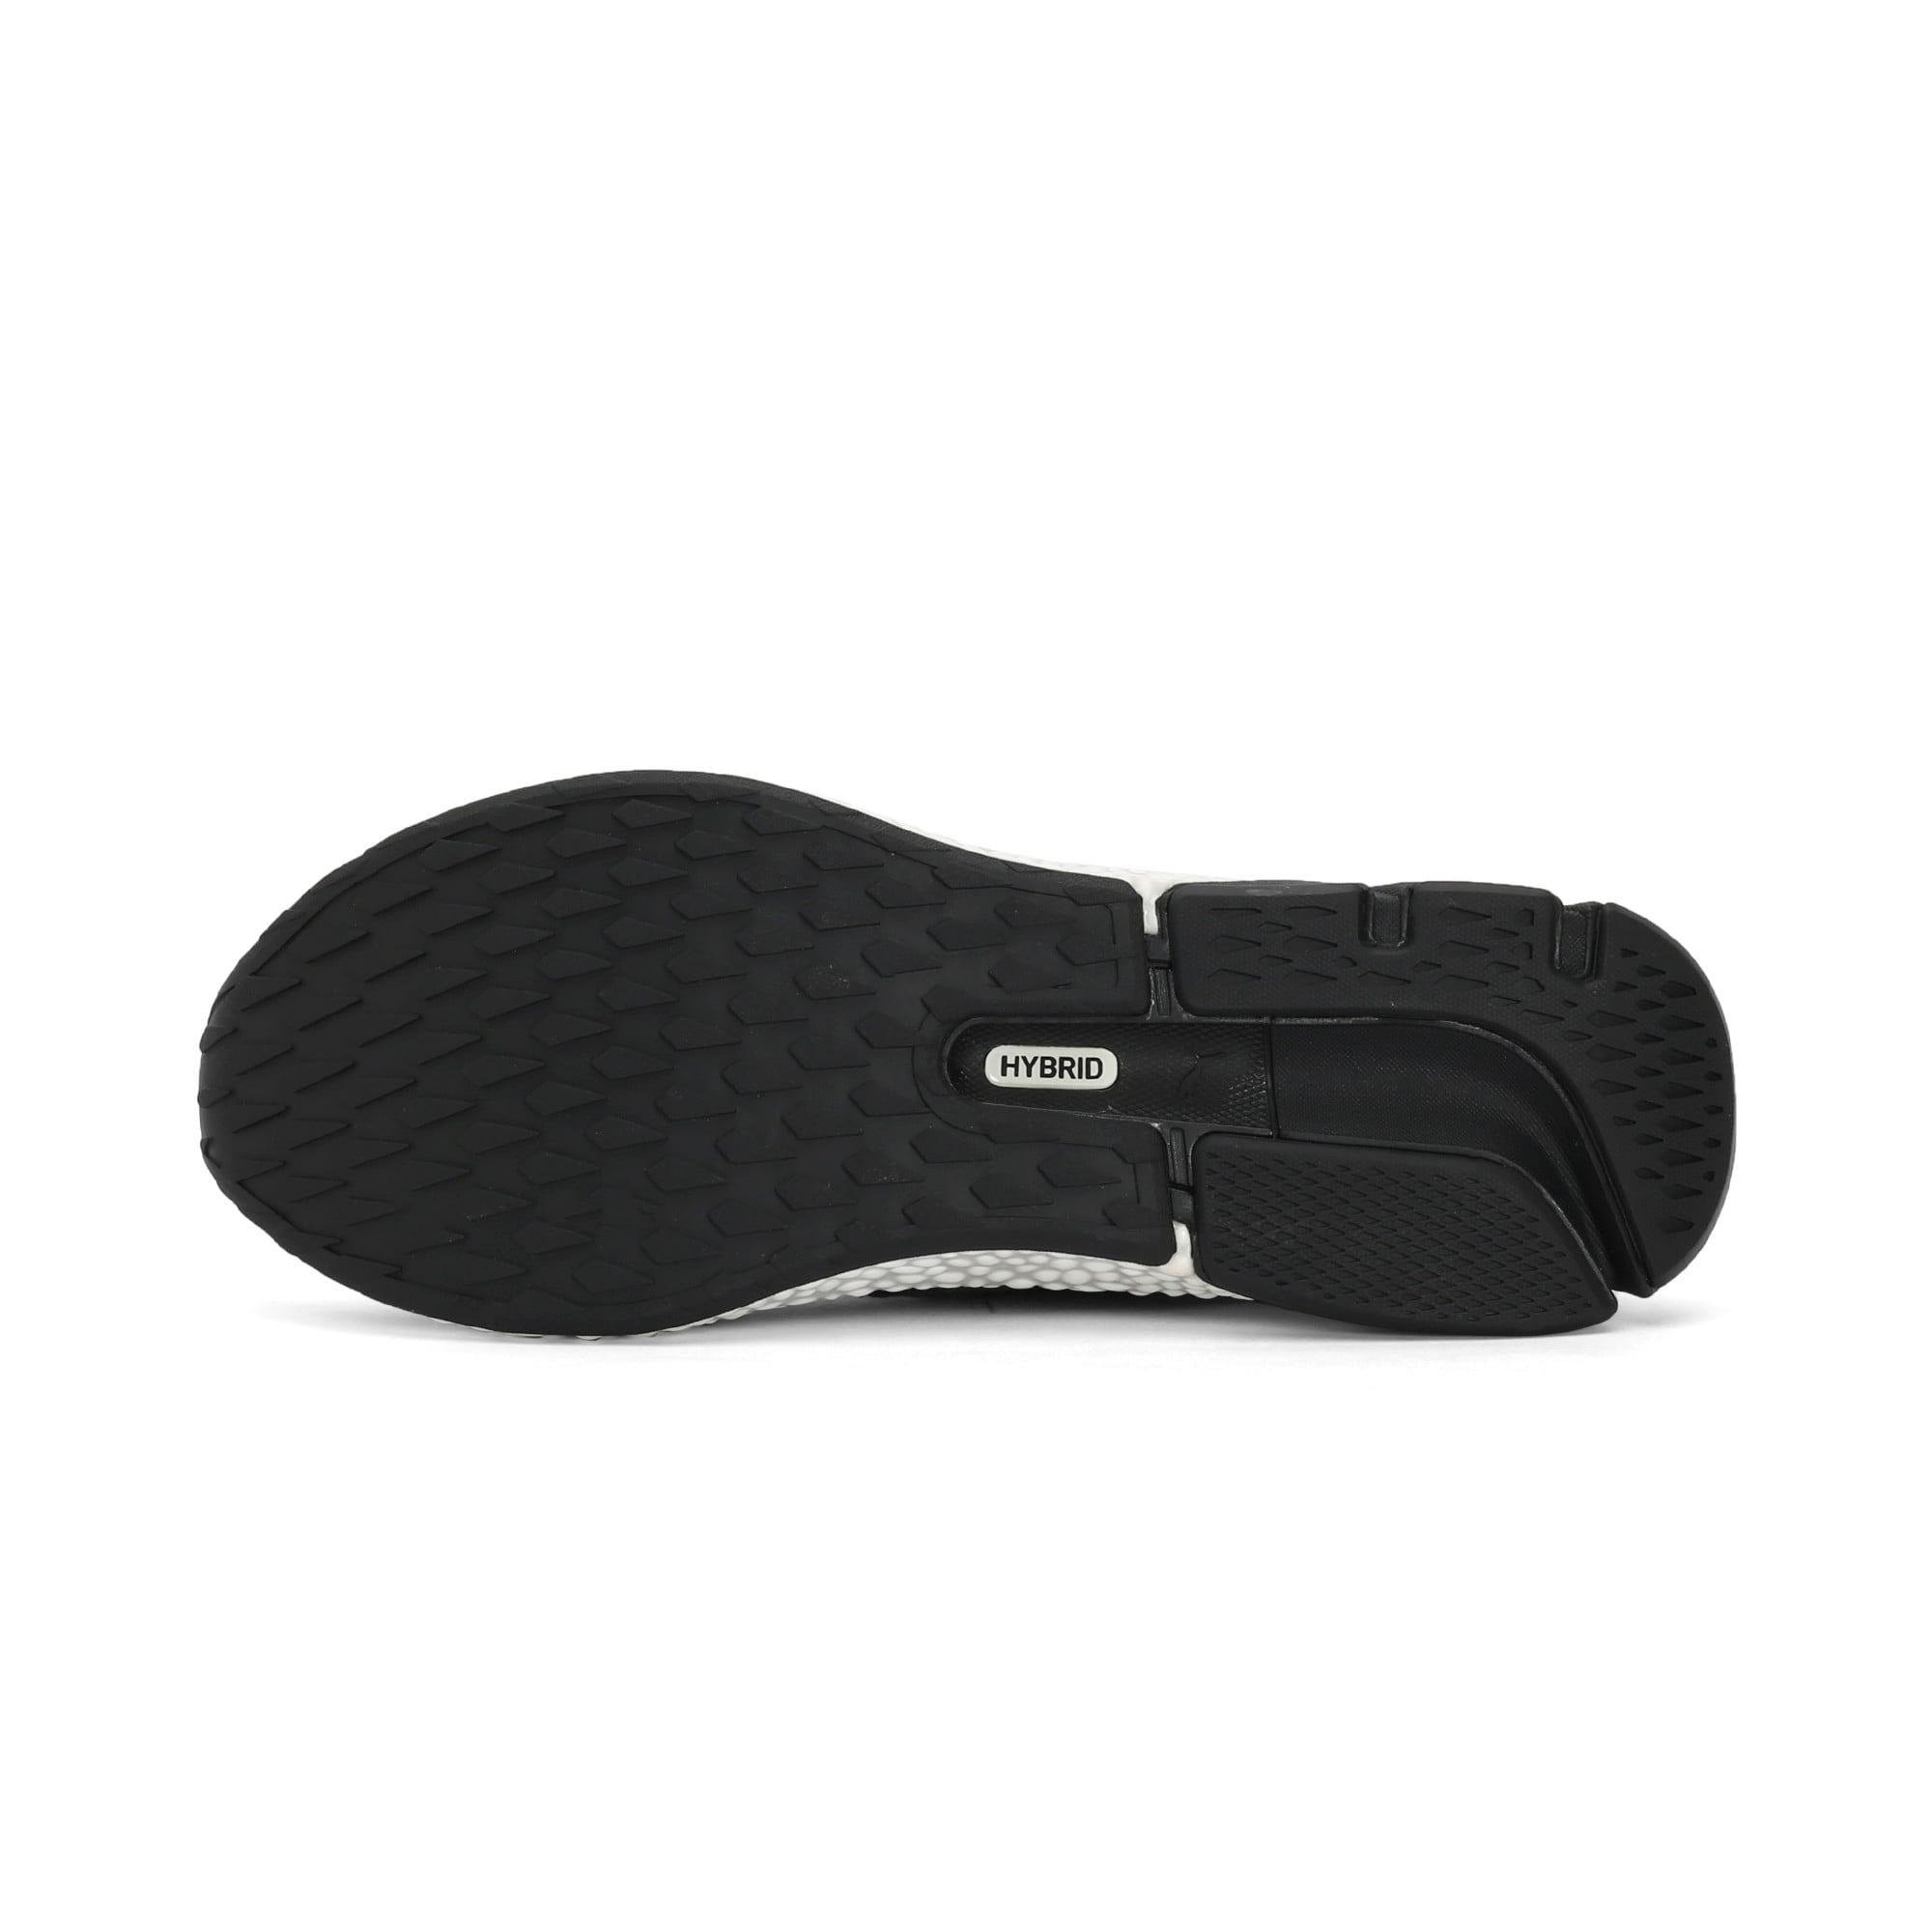 Thumbnail 4 of HYBRID Astro one8 Unisex Running Shoes, Puma Black-Puma White, medium-IND